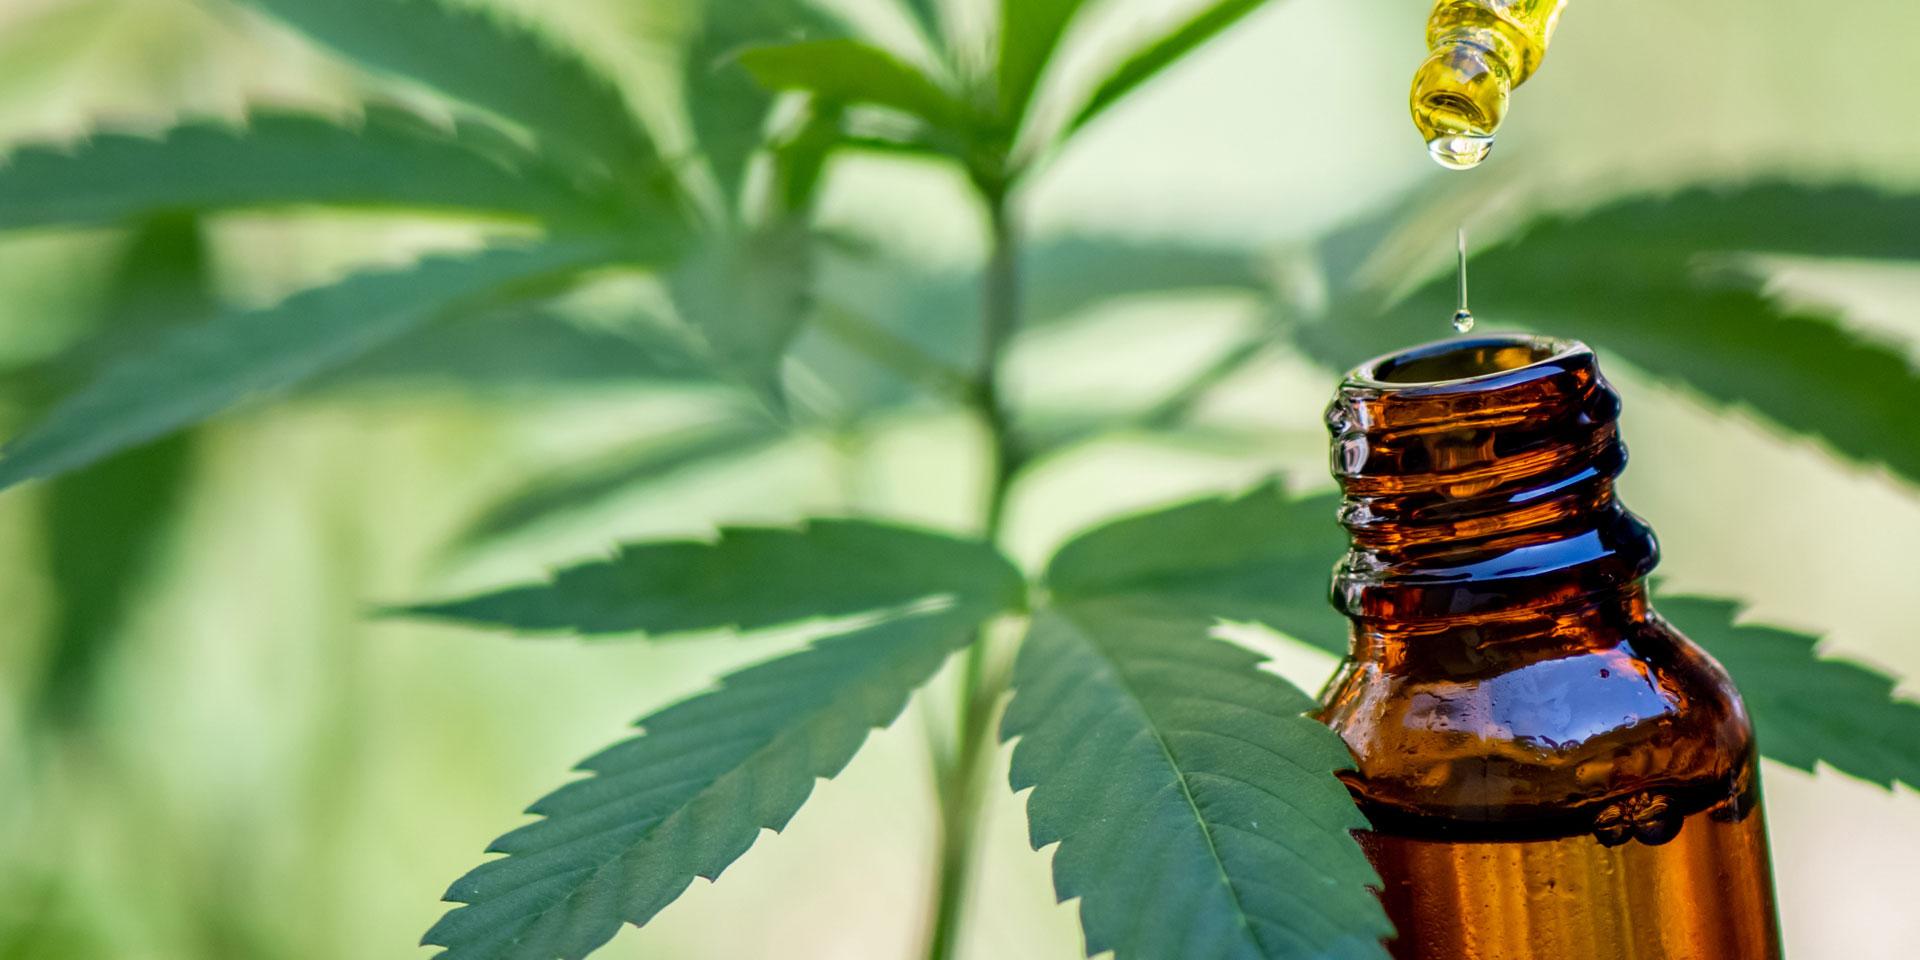 E-liquide à la saveur de cannabis